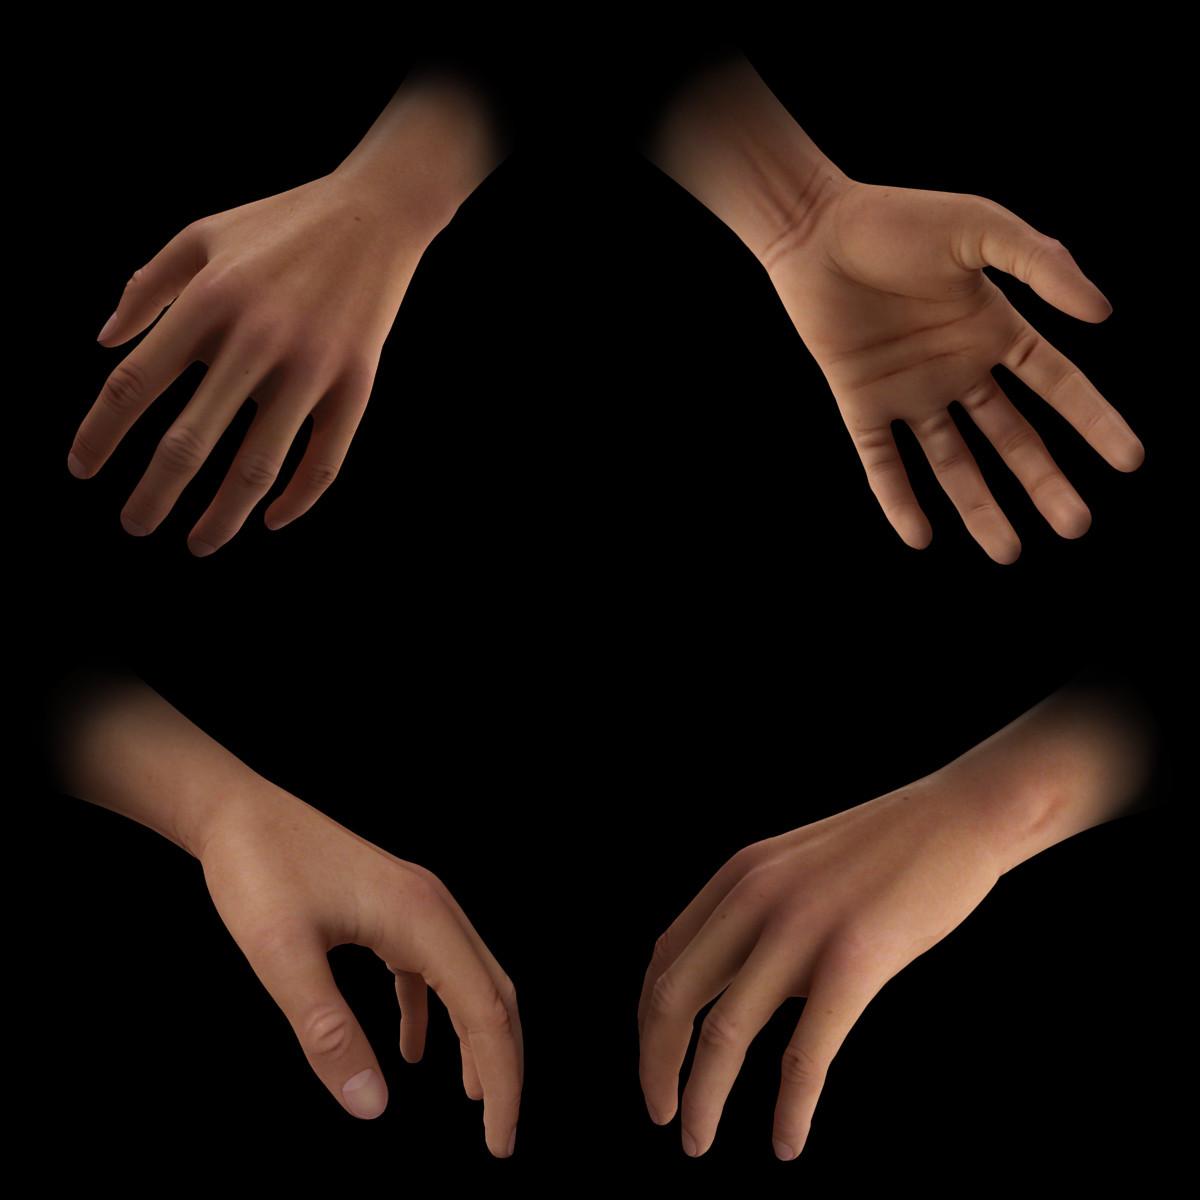 Hands - Highpoly